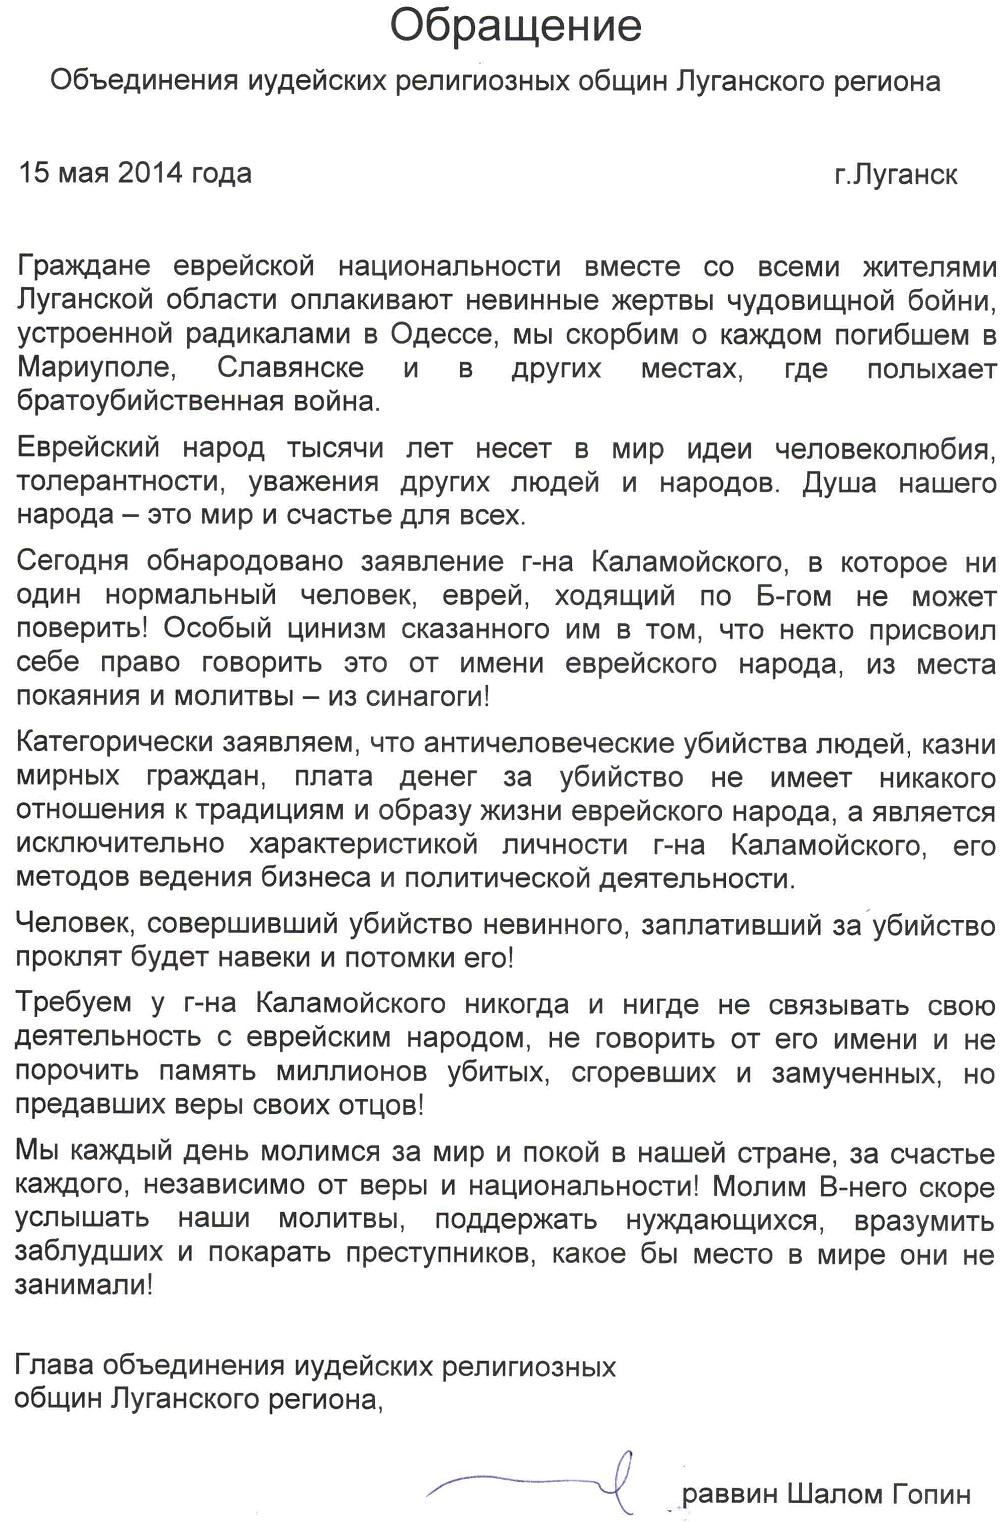 Шалом Гопин, обращение по Коломойскому